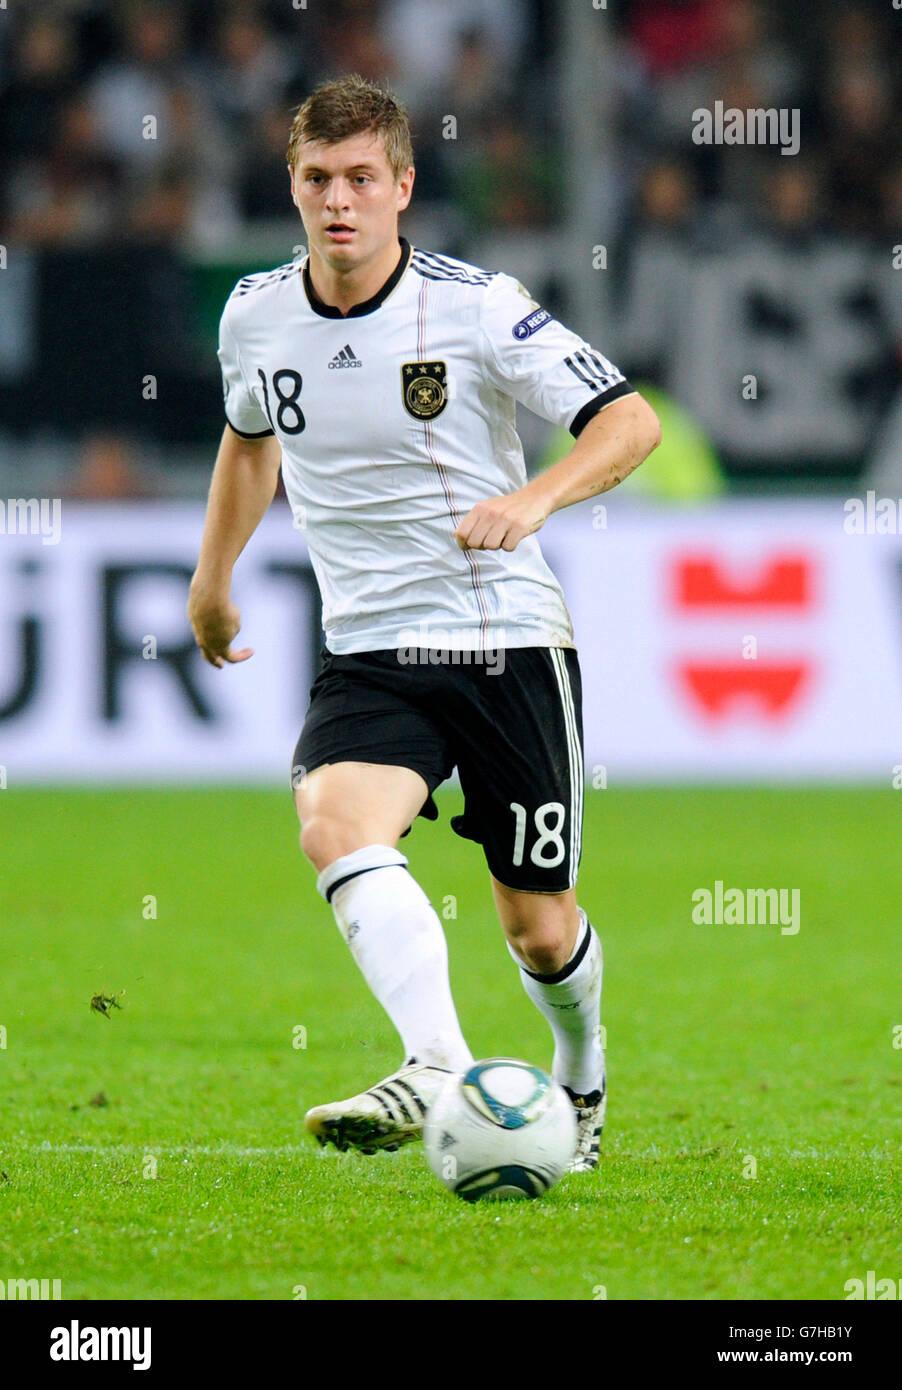 Toni Kroos, Alemania, calificación de fútbol coinciden con el campeonato europeo de la UEFA 2012, Alemania Imagen De Stock